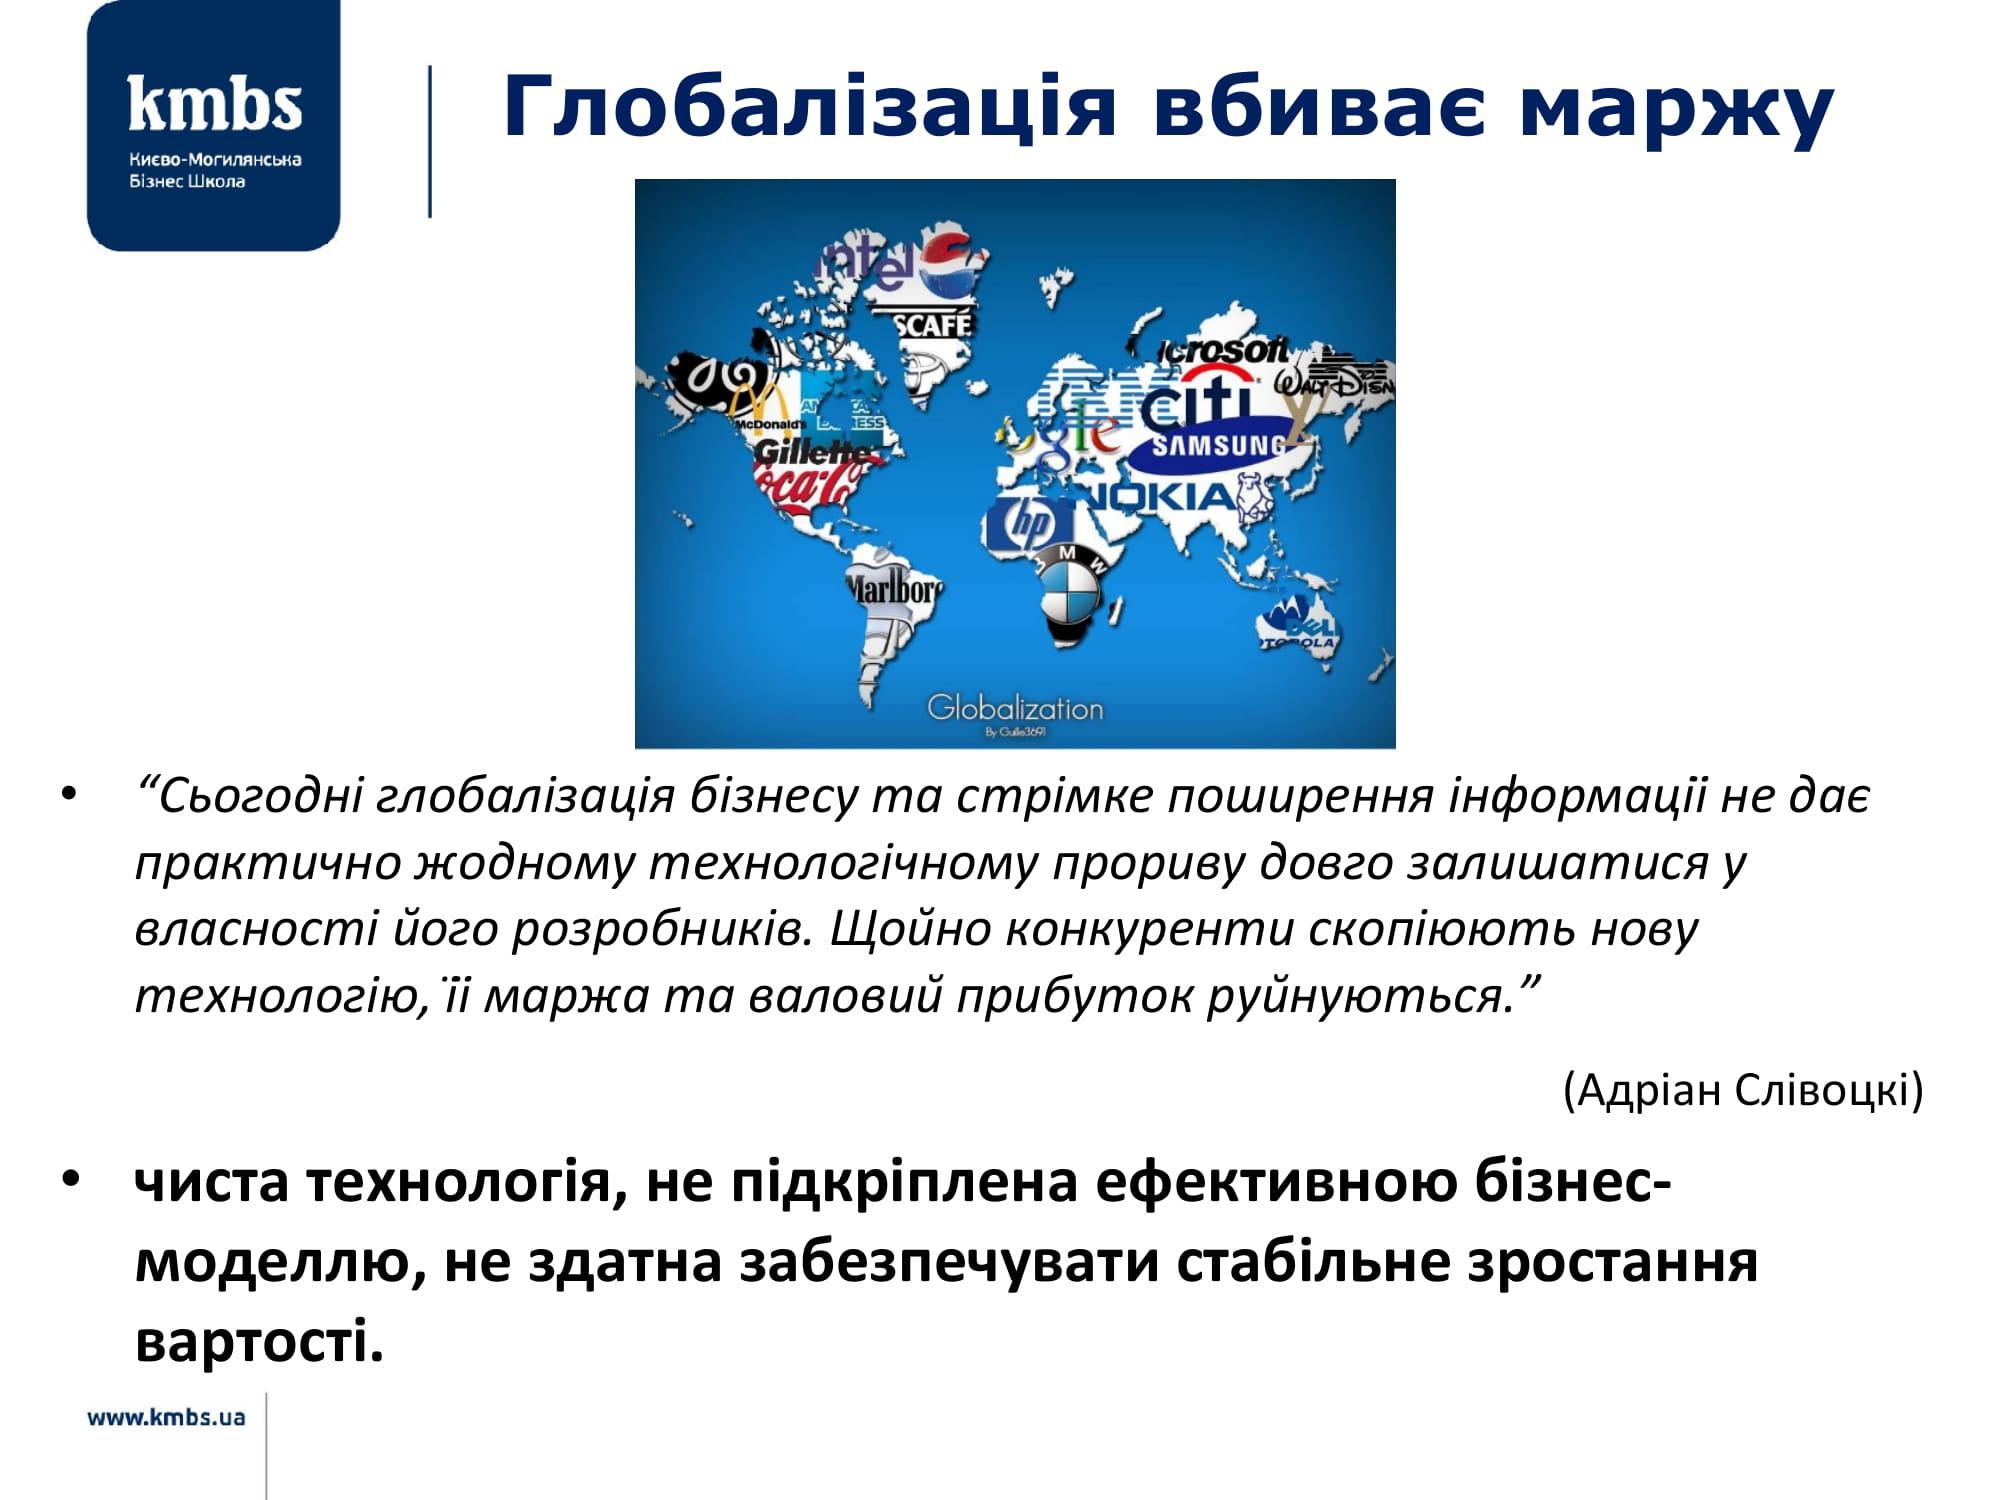 Migratsi Tsinnosti V Agrifud Vorkshop 24 01 18 10